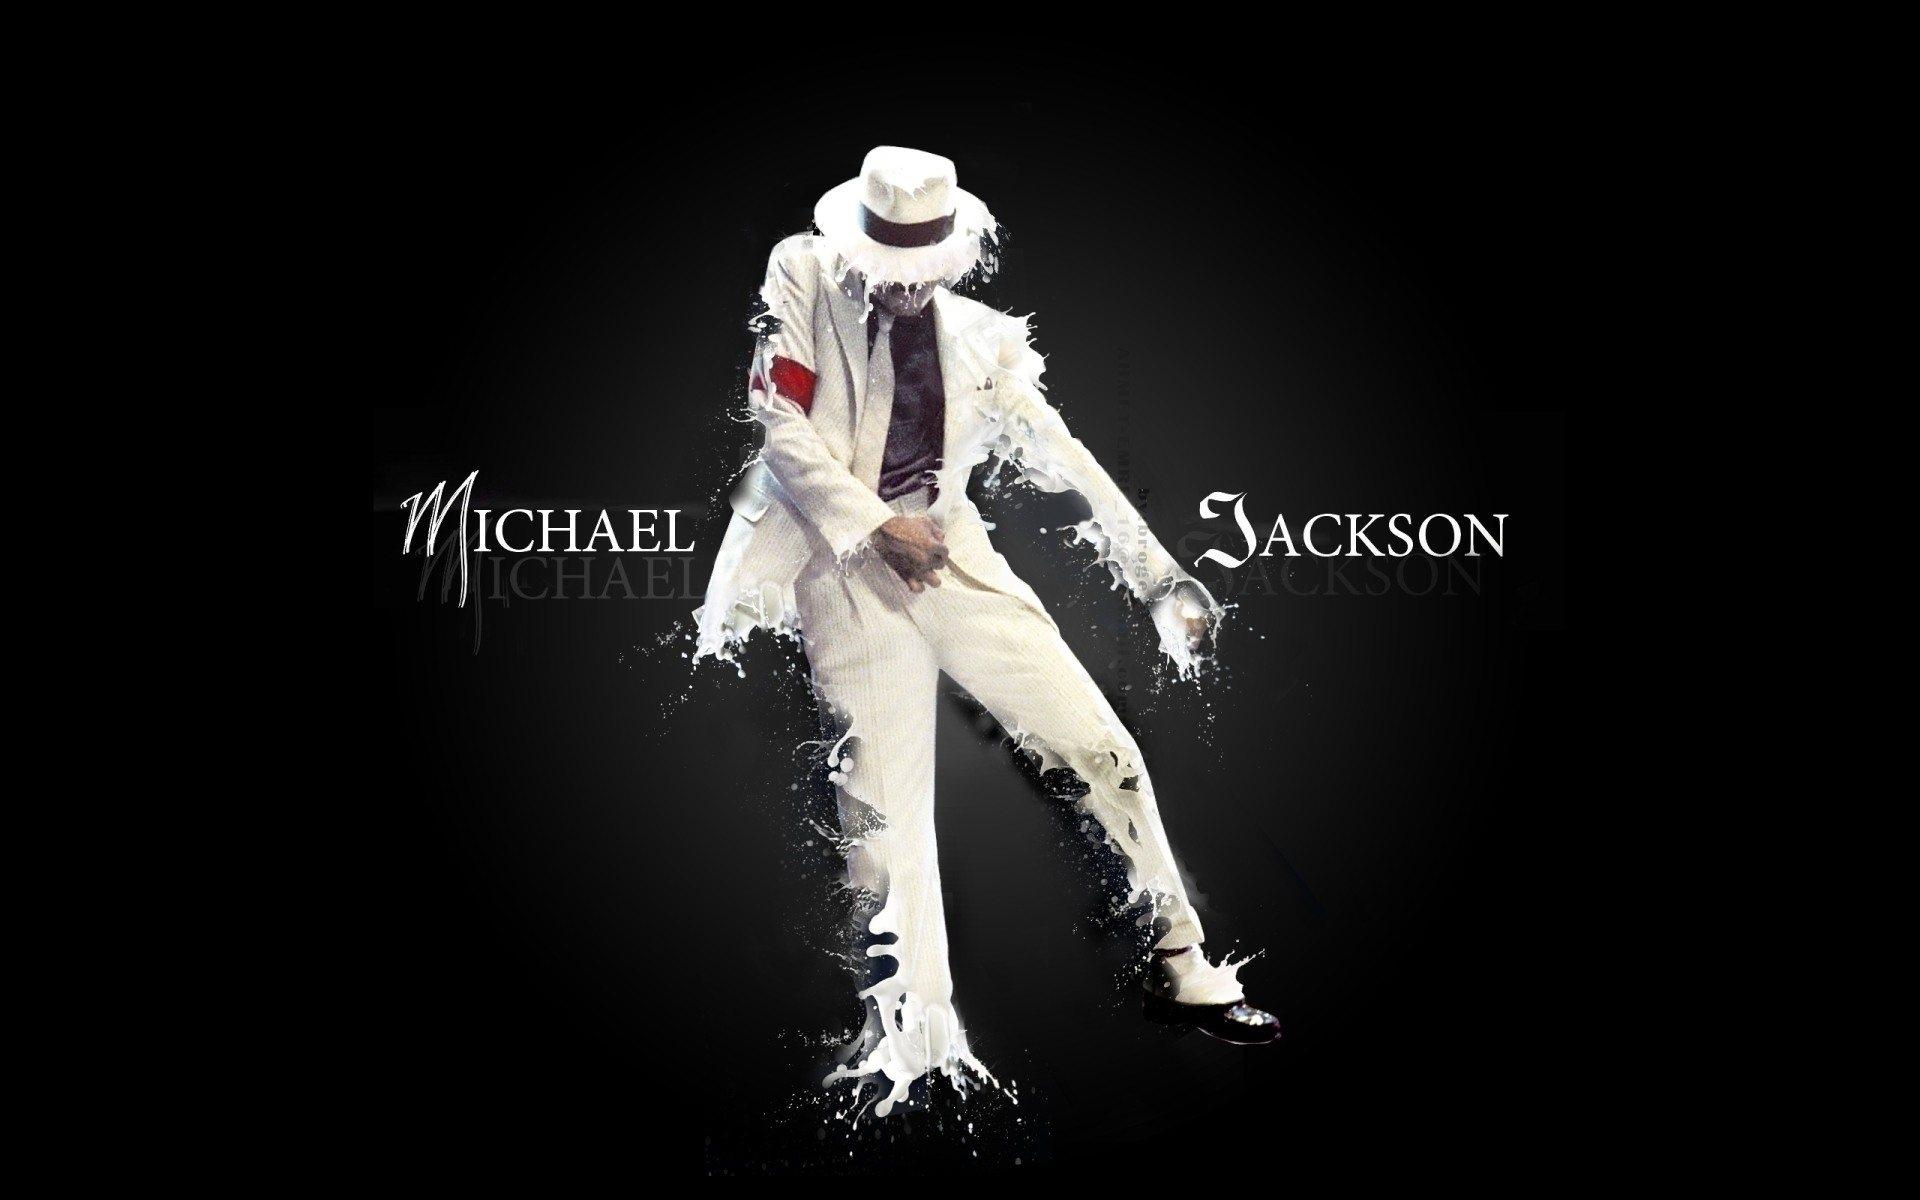 Hintergrundbilder Michael Jackson Sprühen Briefe Tanzen